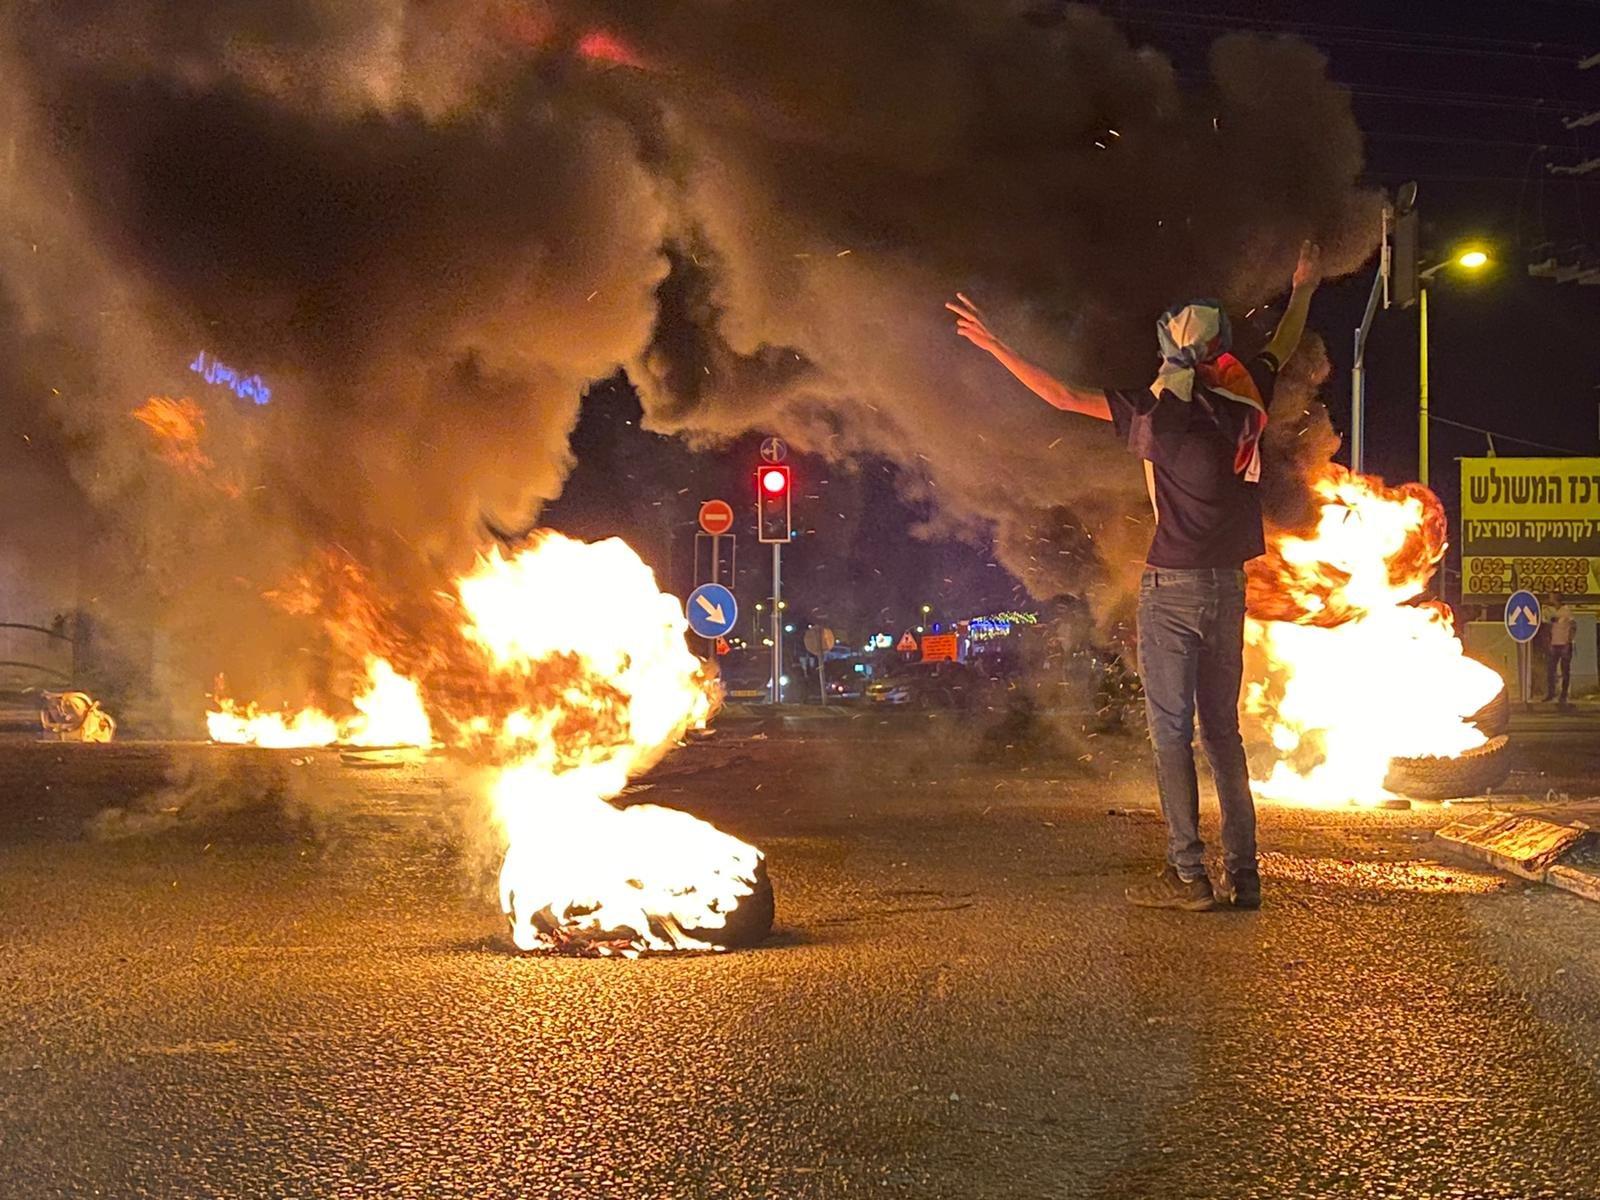 متظاهرو الطيبة يغلقون الشارع الرئيسي ويحرقون اطارات-1